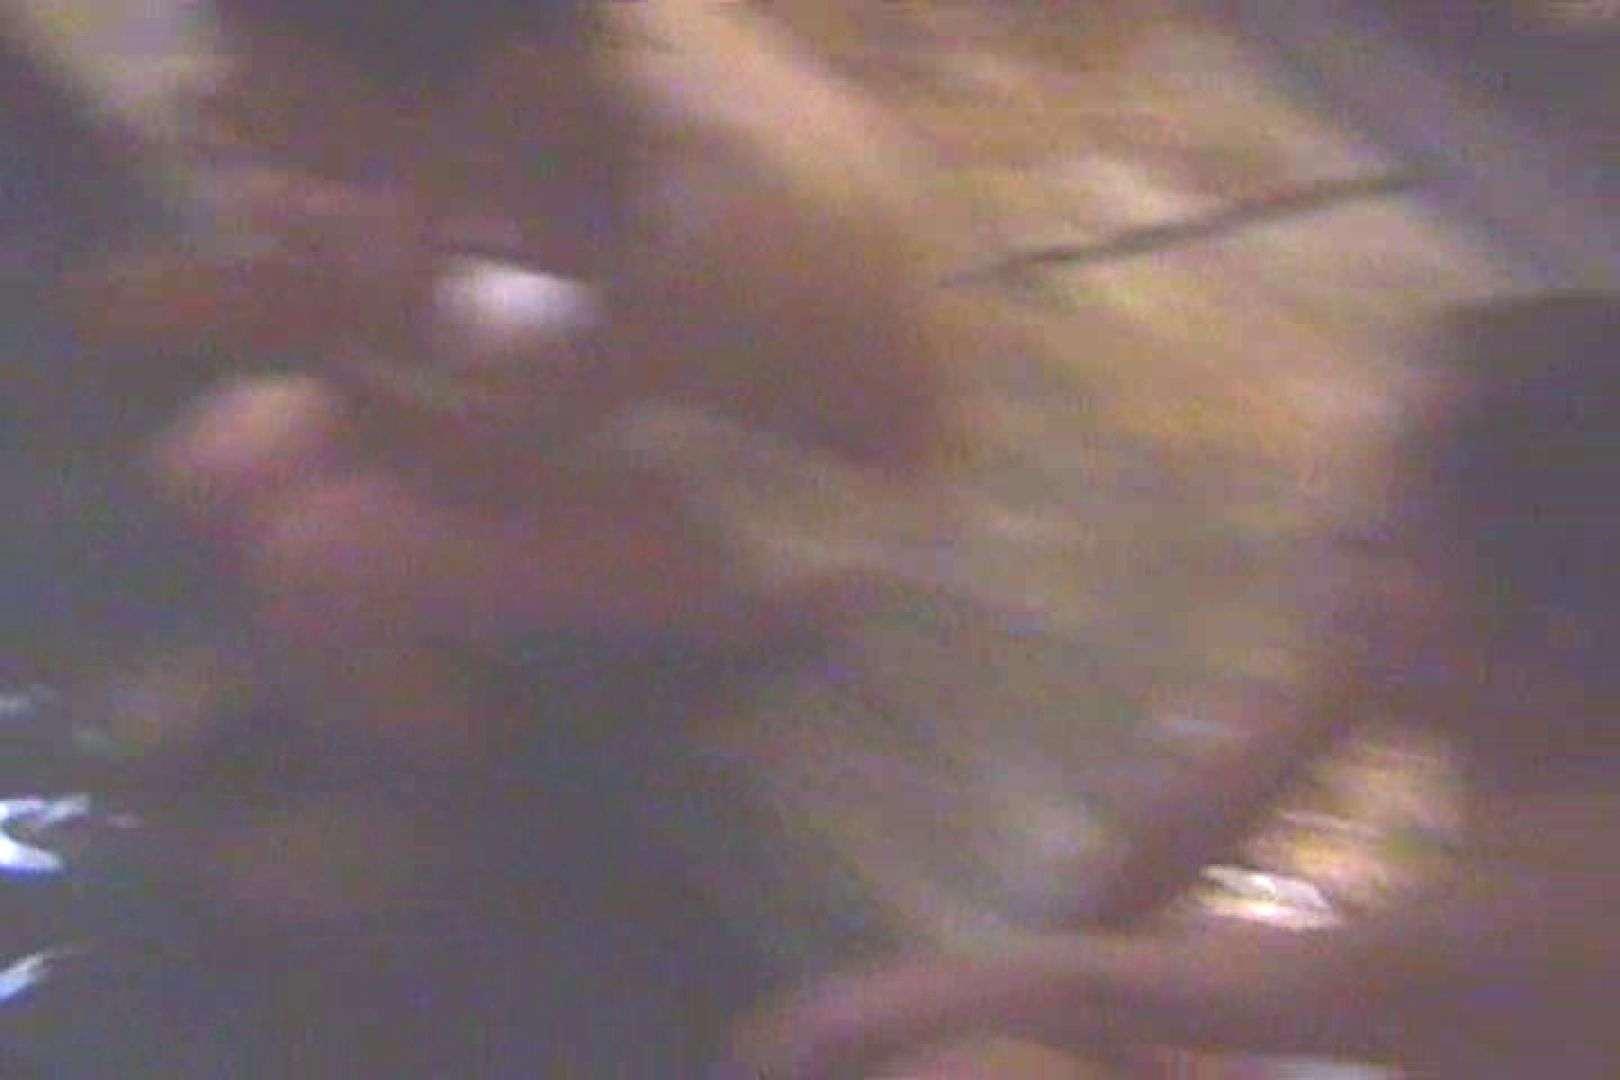 素人投稿シリーズ 盗撮 覗きの穴場 大浴場編 Vol.5 盗撮師作品 エロ無料画像 88pic 32